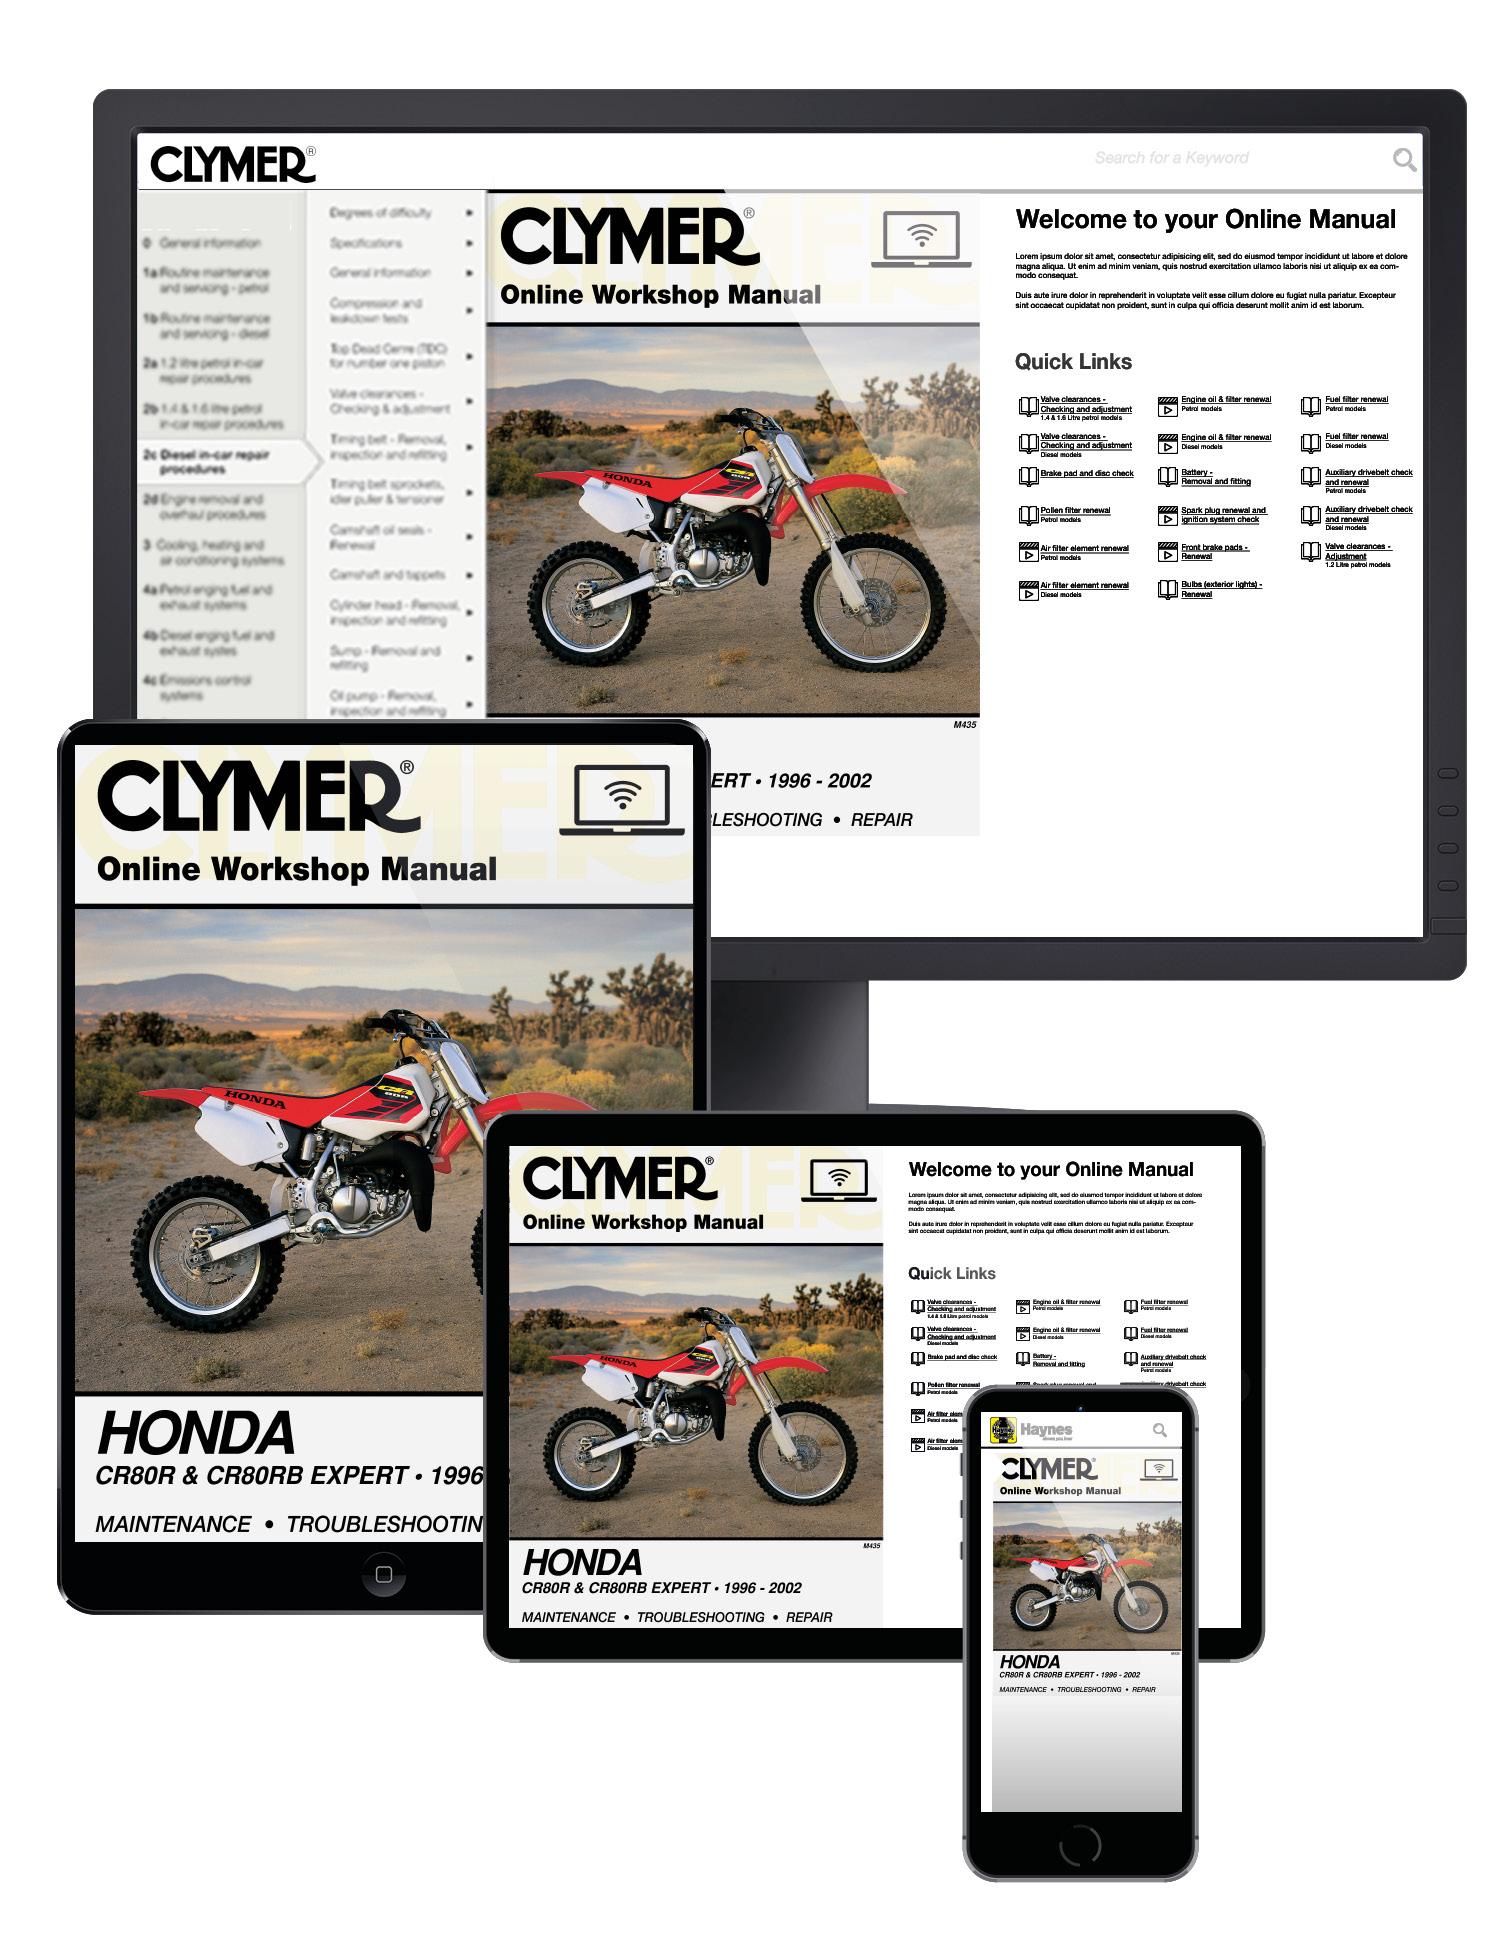 Honda CR80R & CR80RB Expert Motorcycle (1992-1996) Service Repair Manual Online Manual